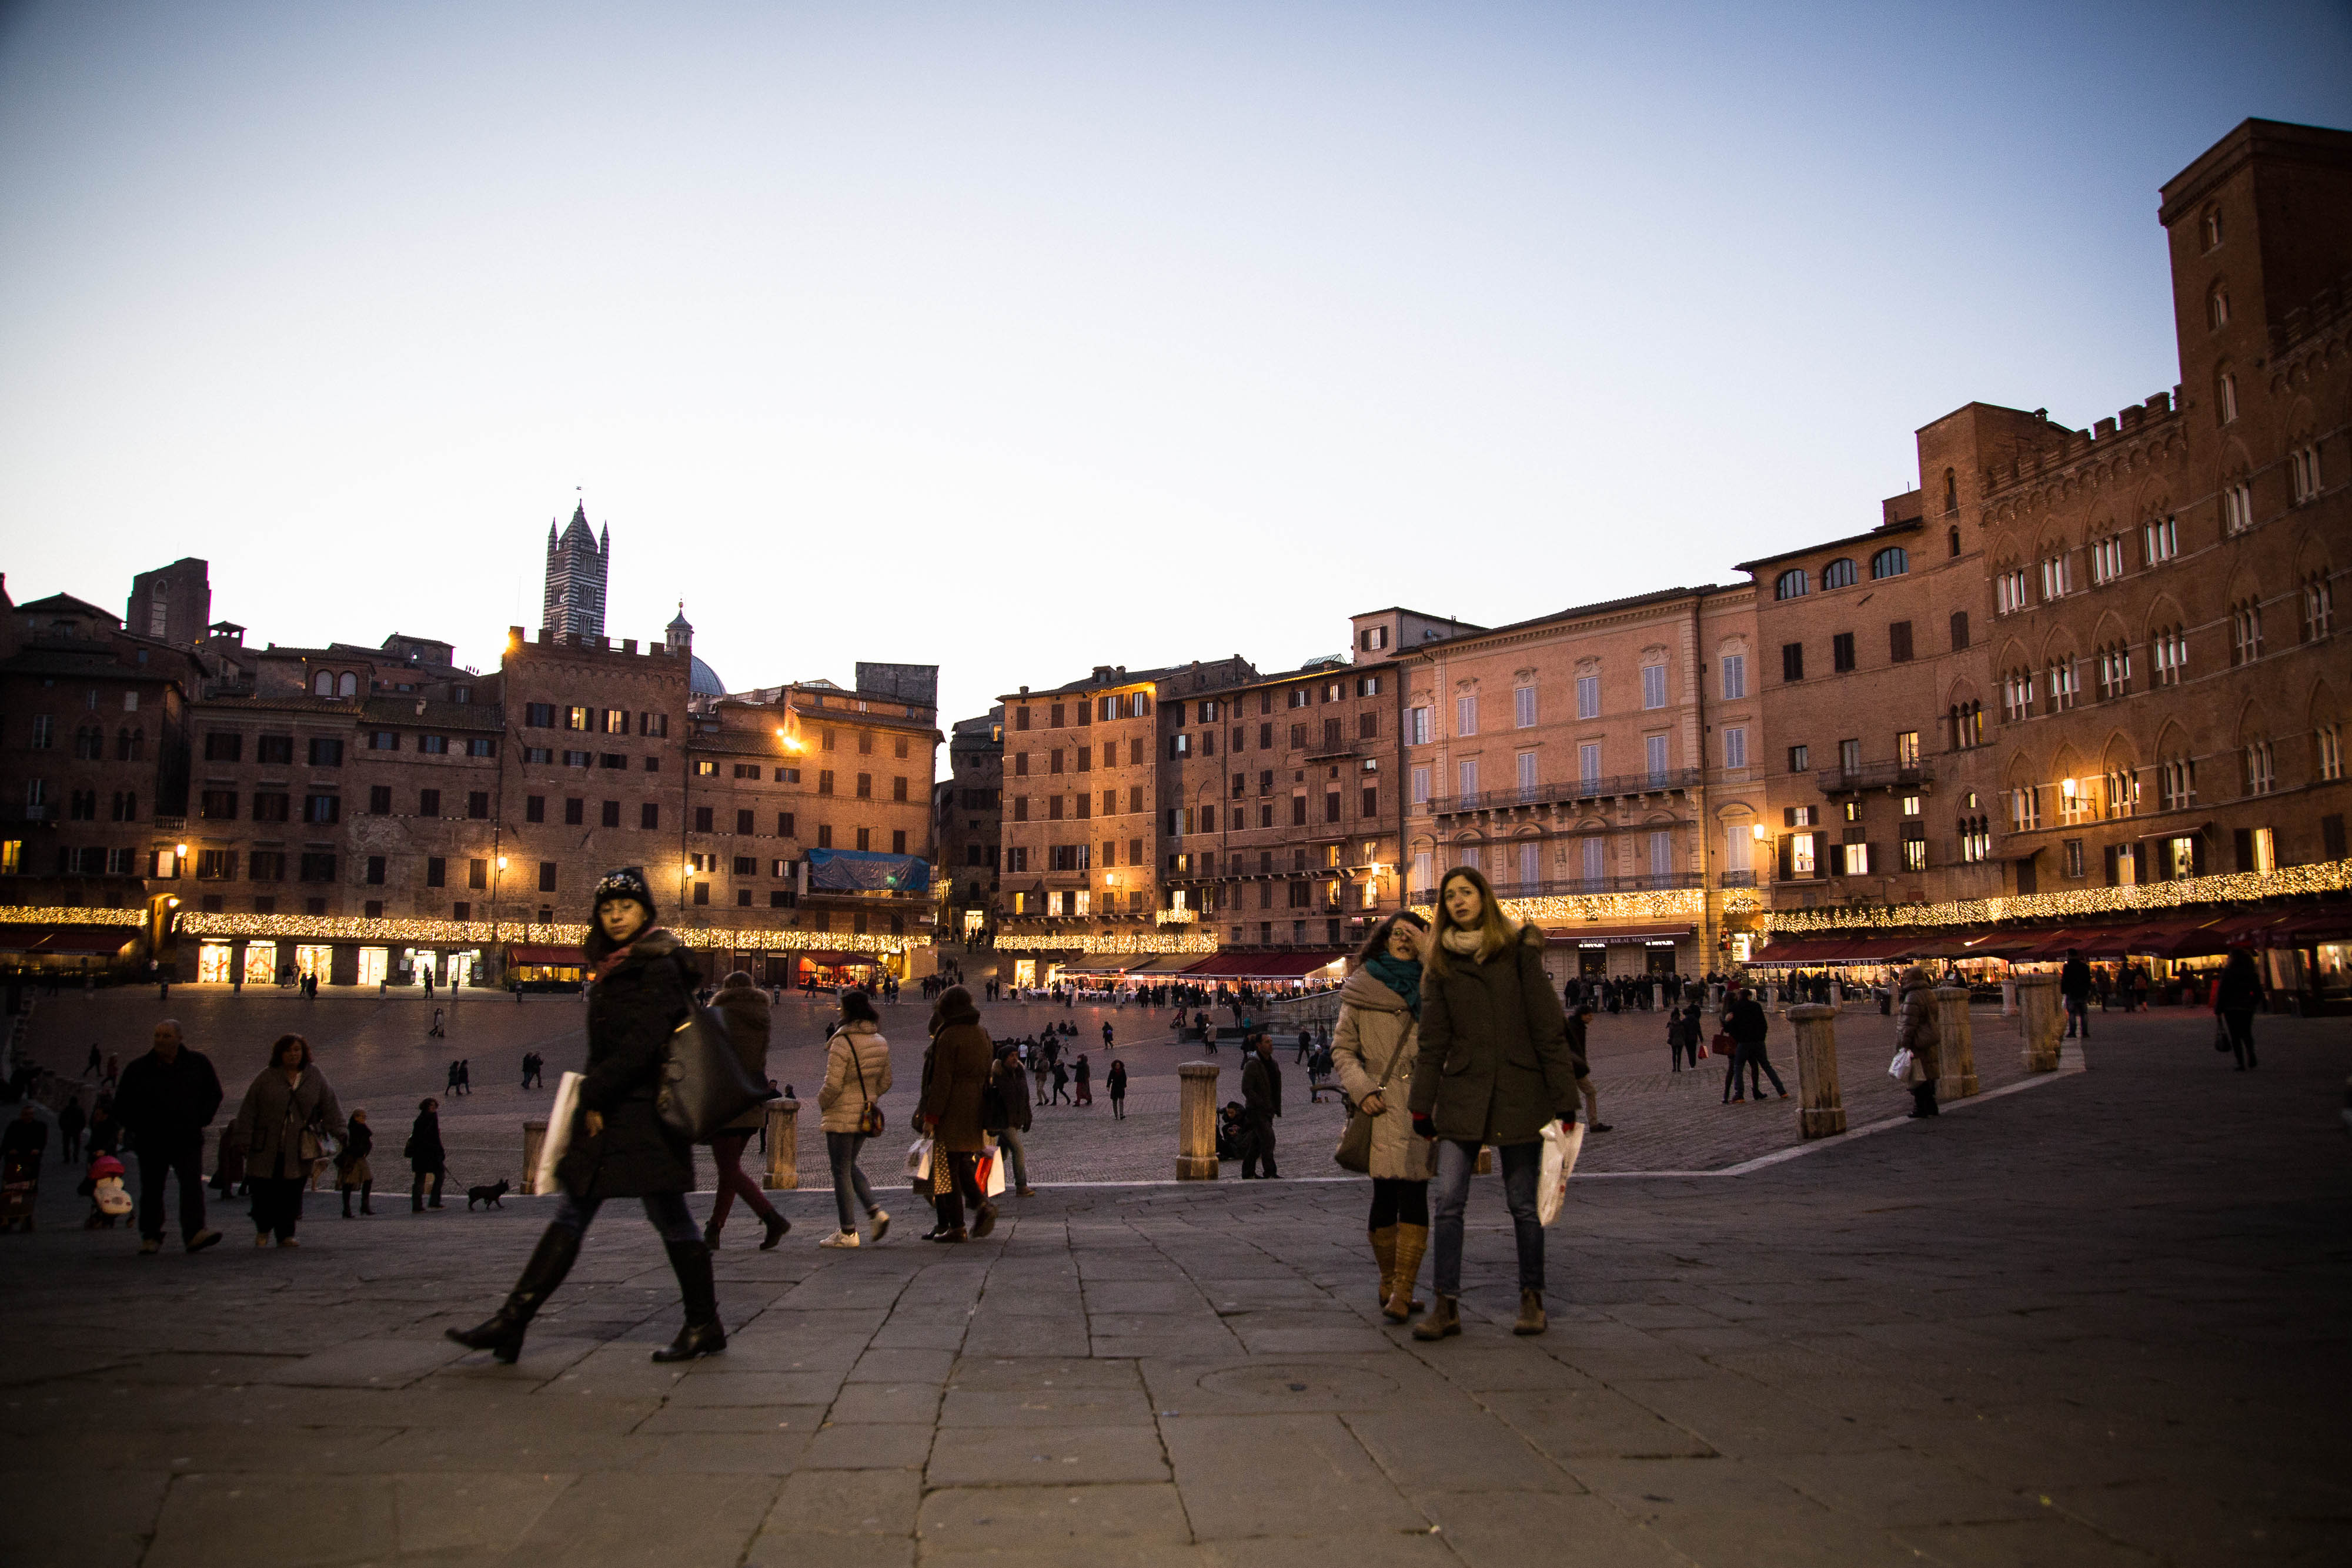 Natale A.Natale 2019 A Siena Siena Comunica